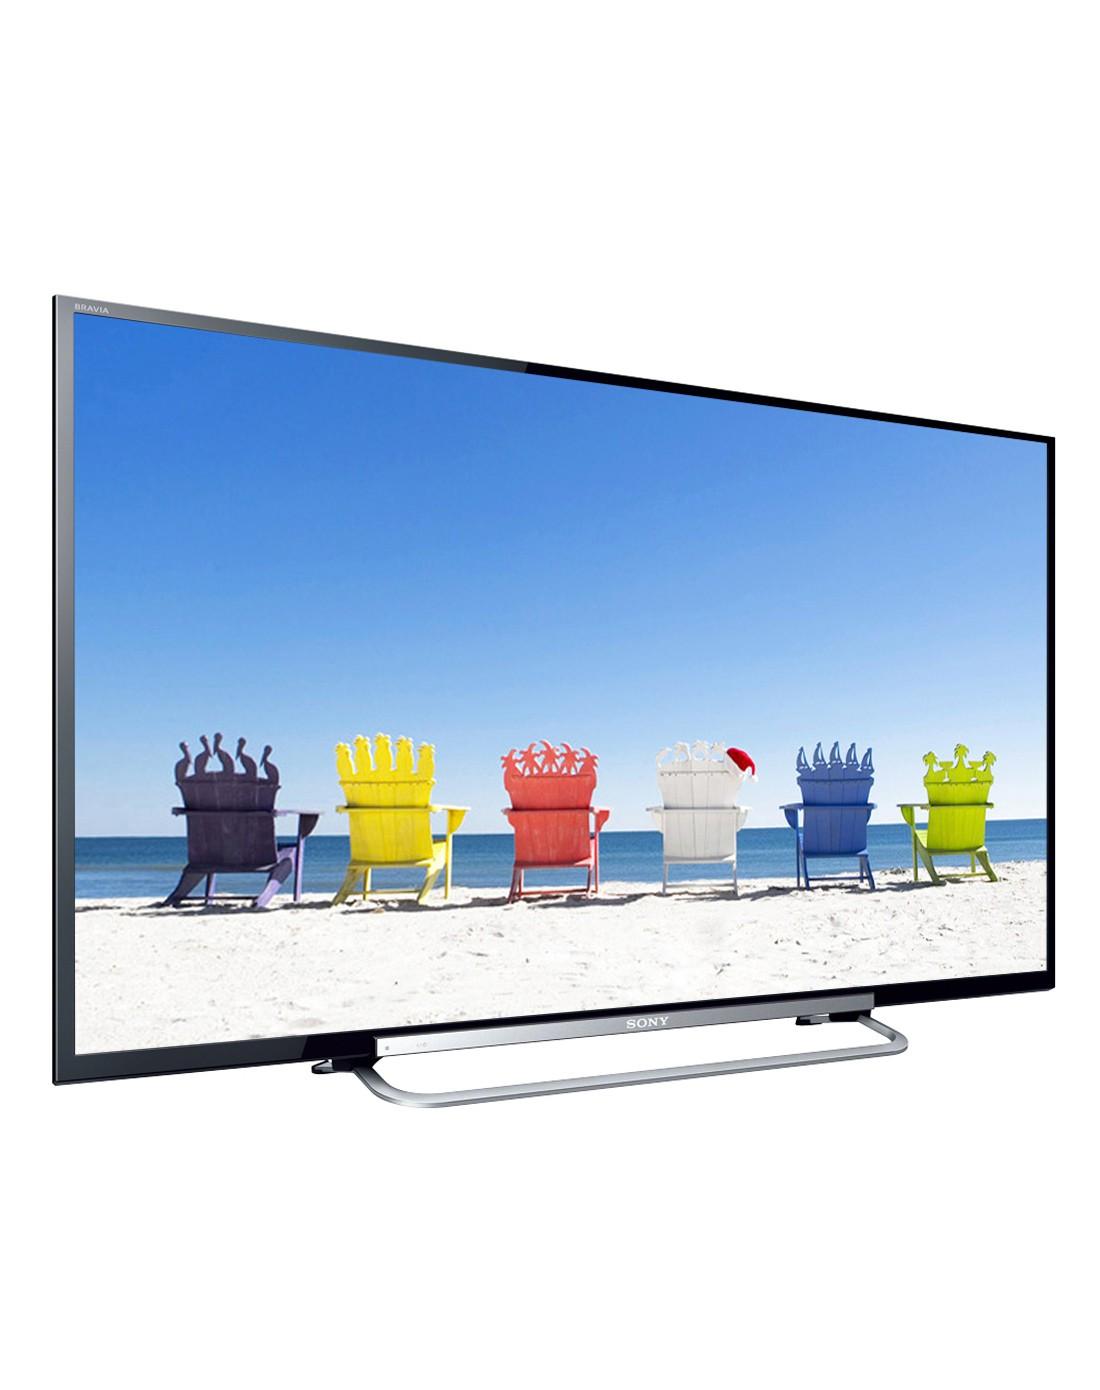 索尼sony电视专场32英寸高清led液晶电视klv-32r421a